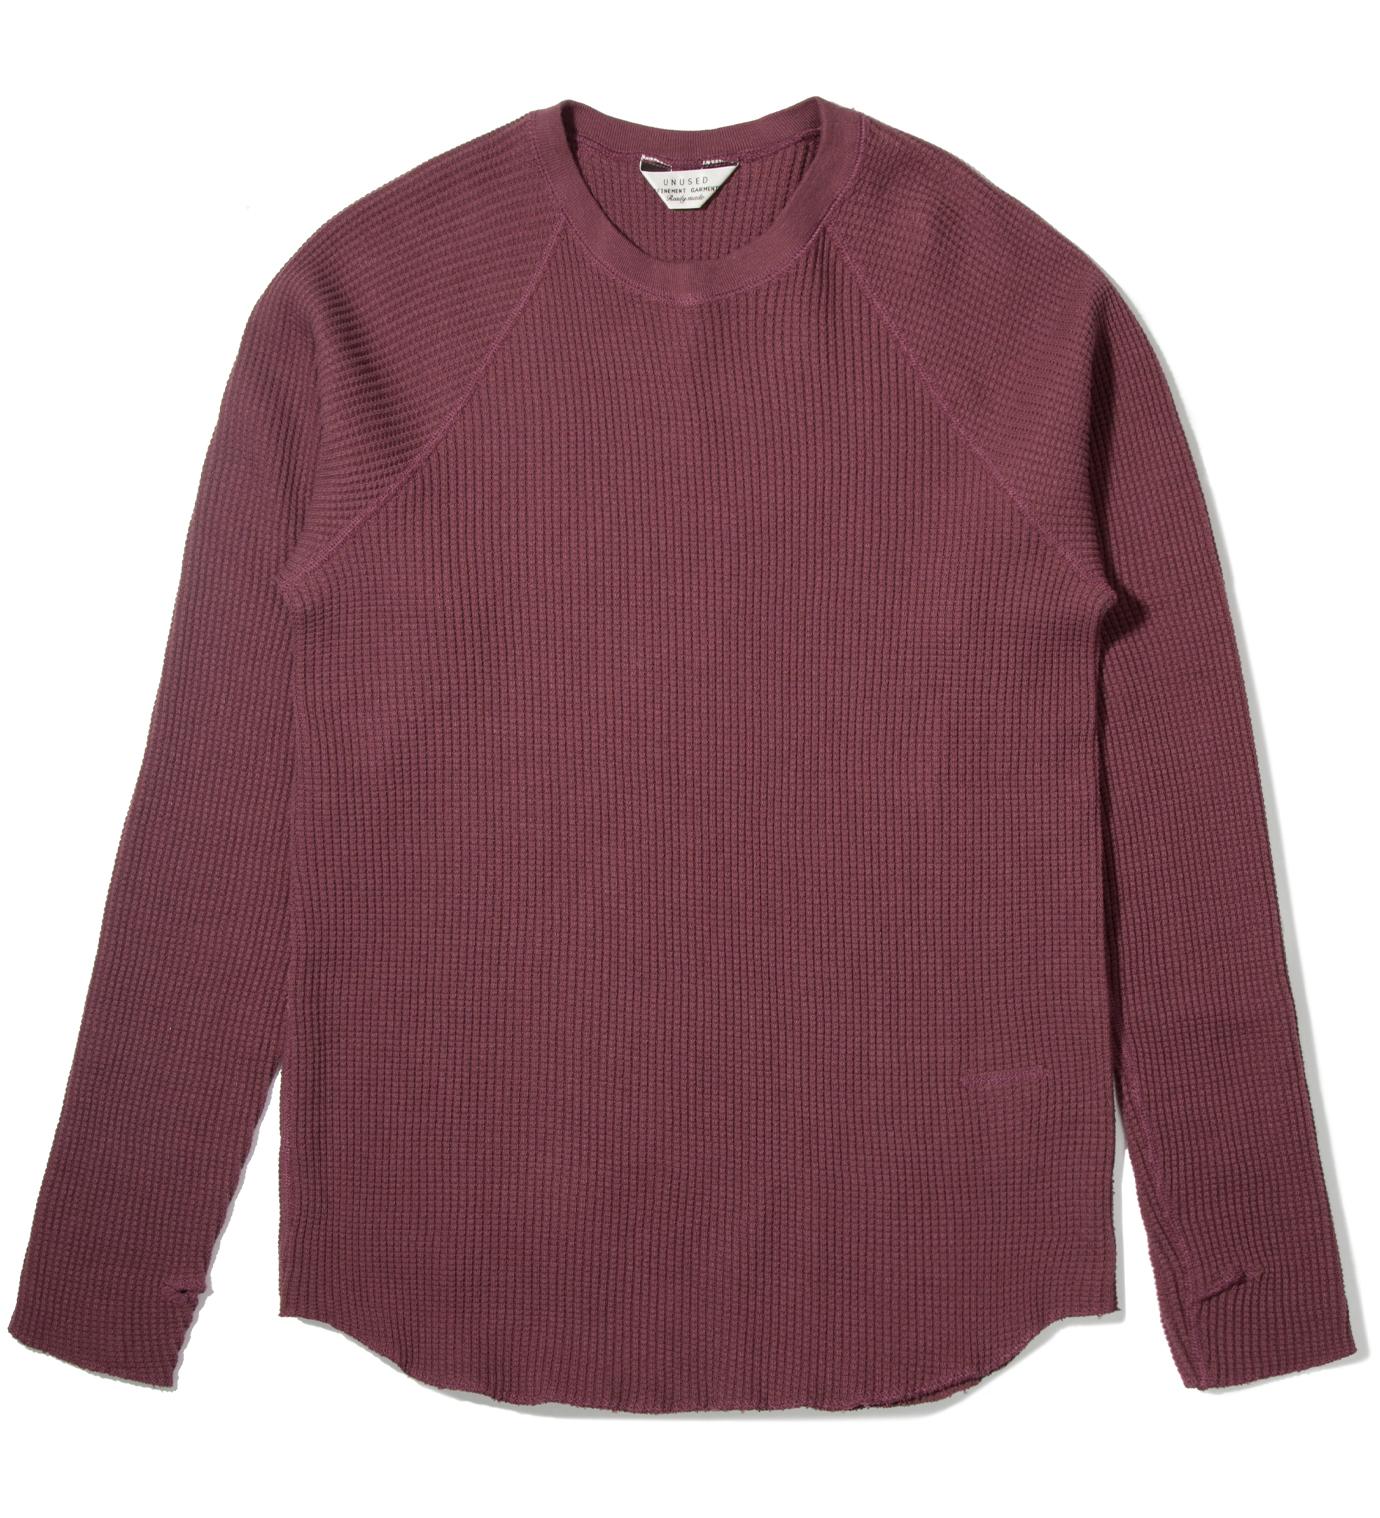 UNUSED Burgundy Thermal Long Sleeve T-Shirt